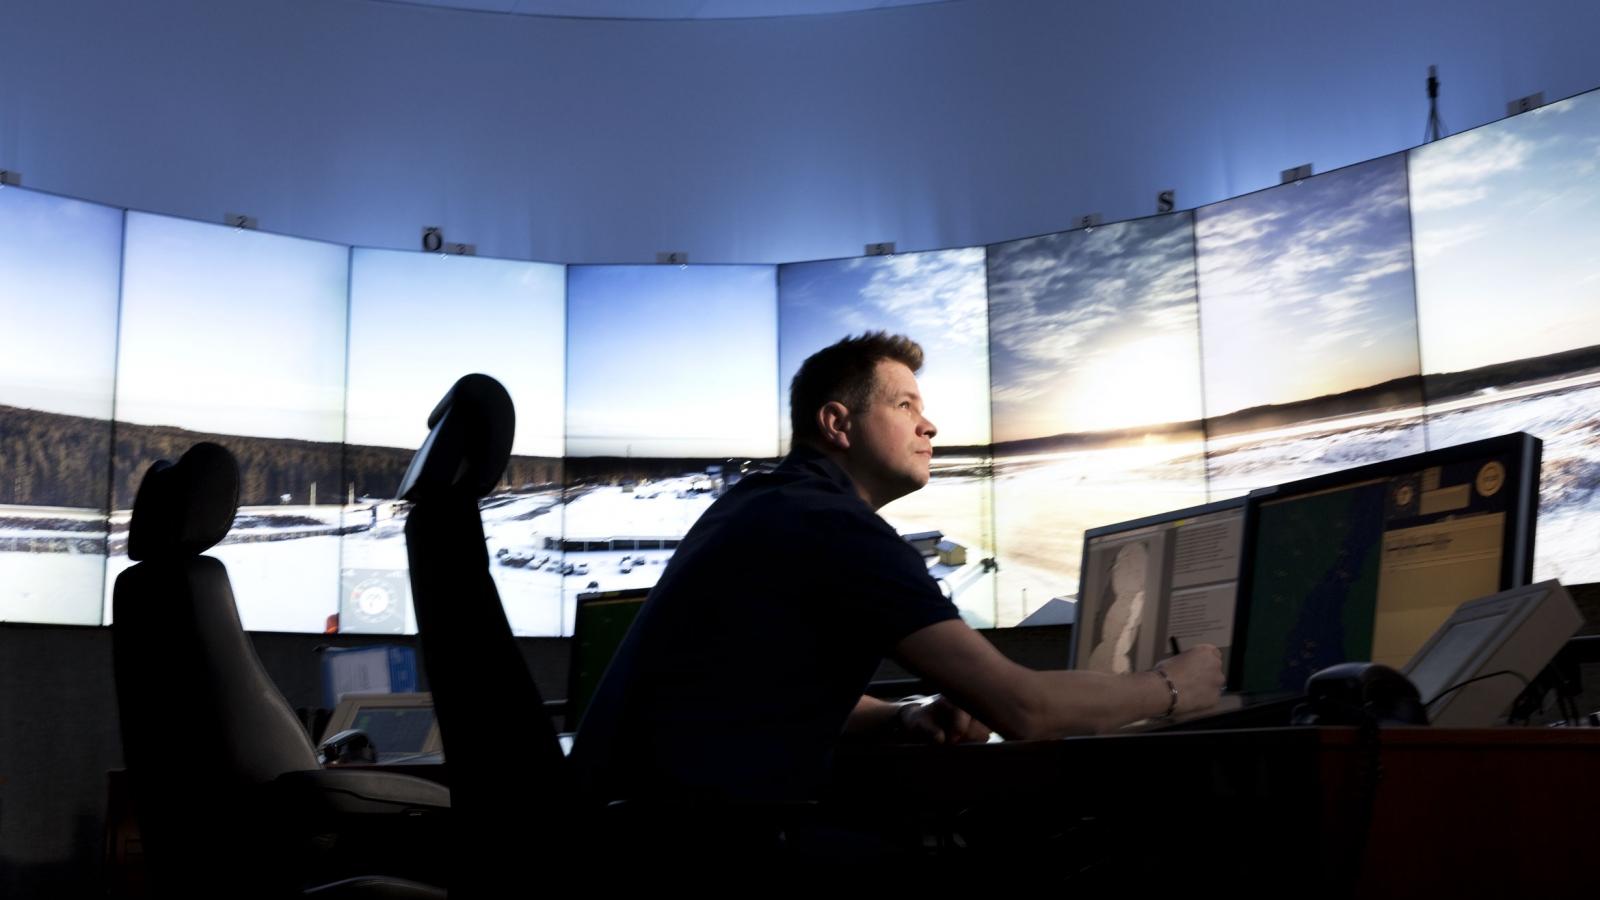 Digital control tower